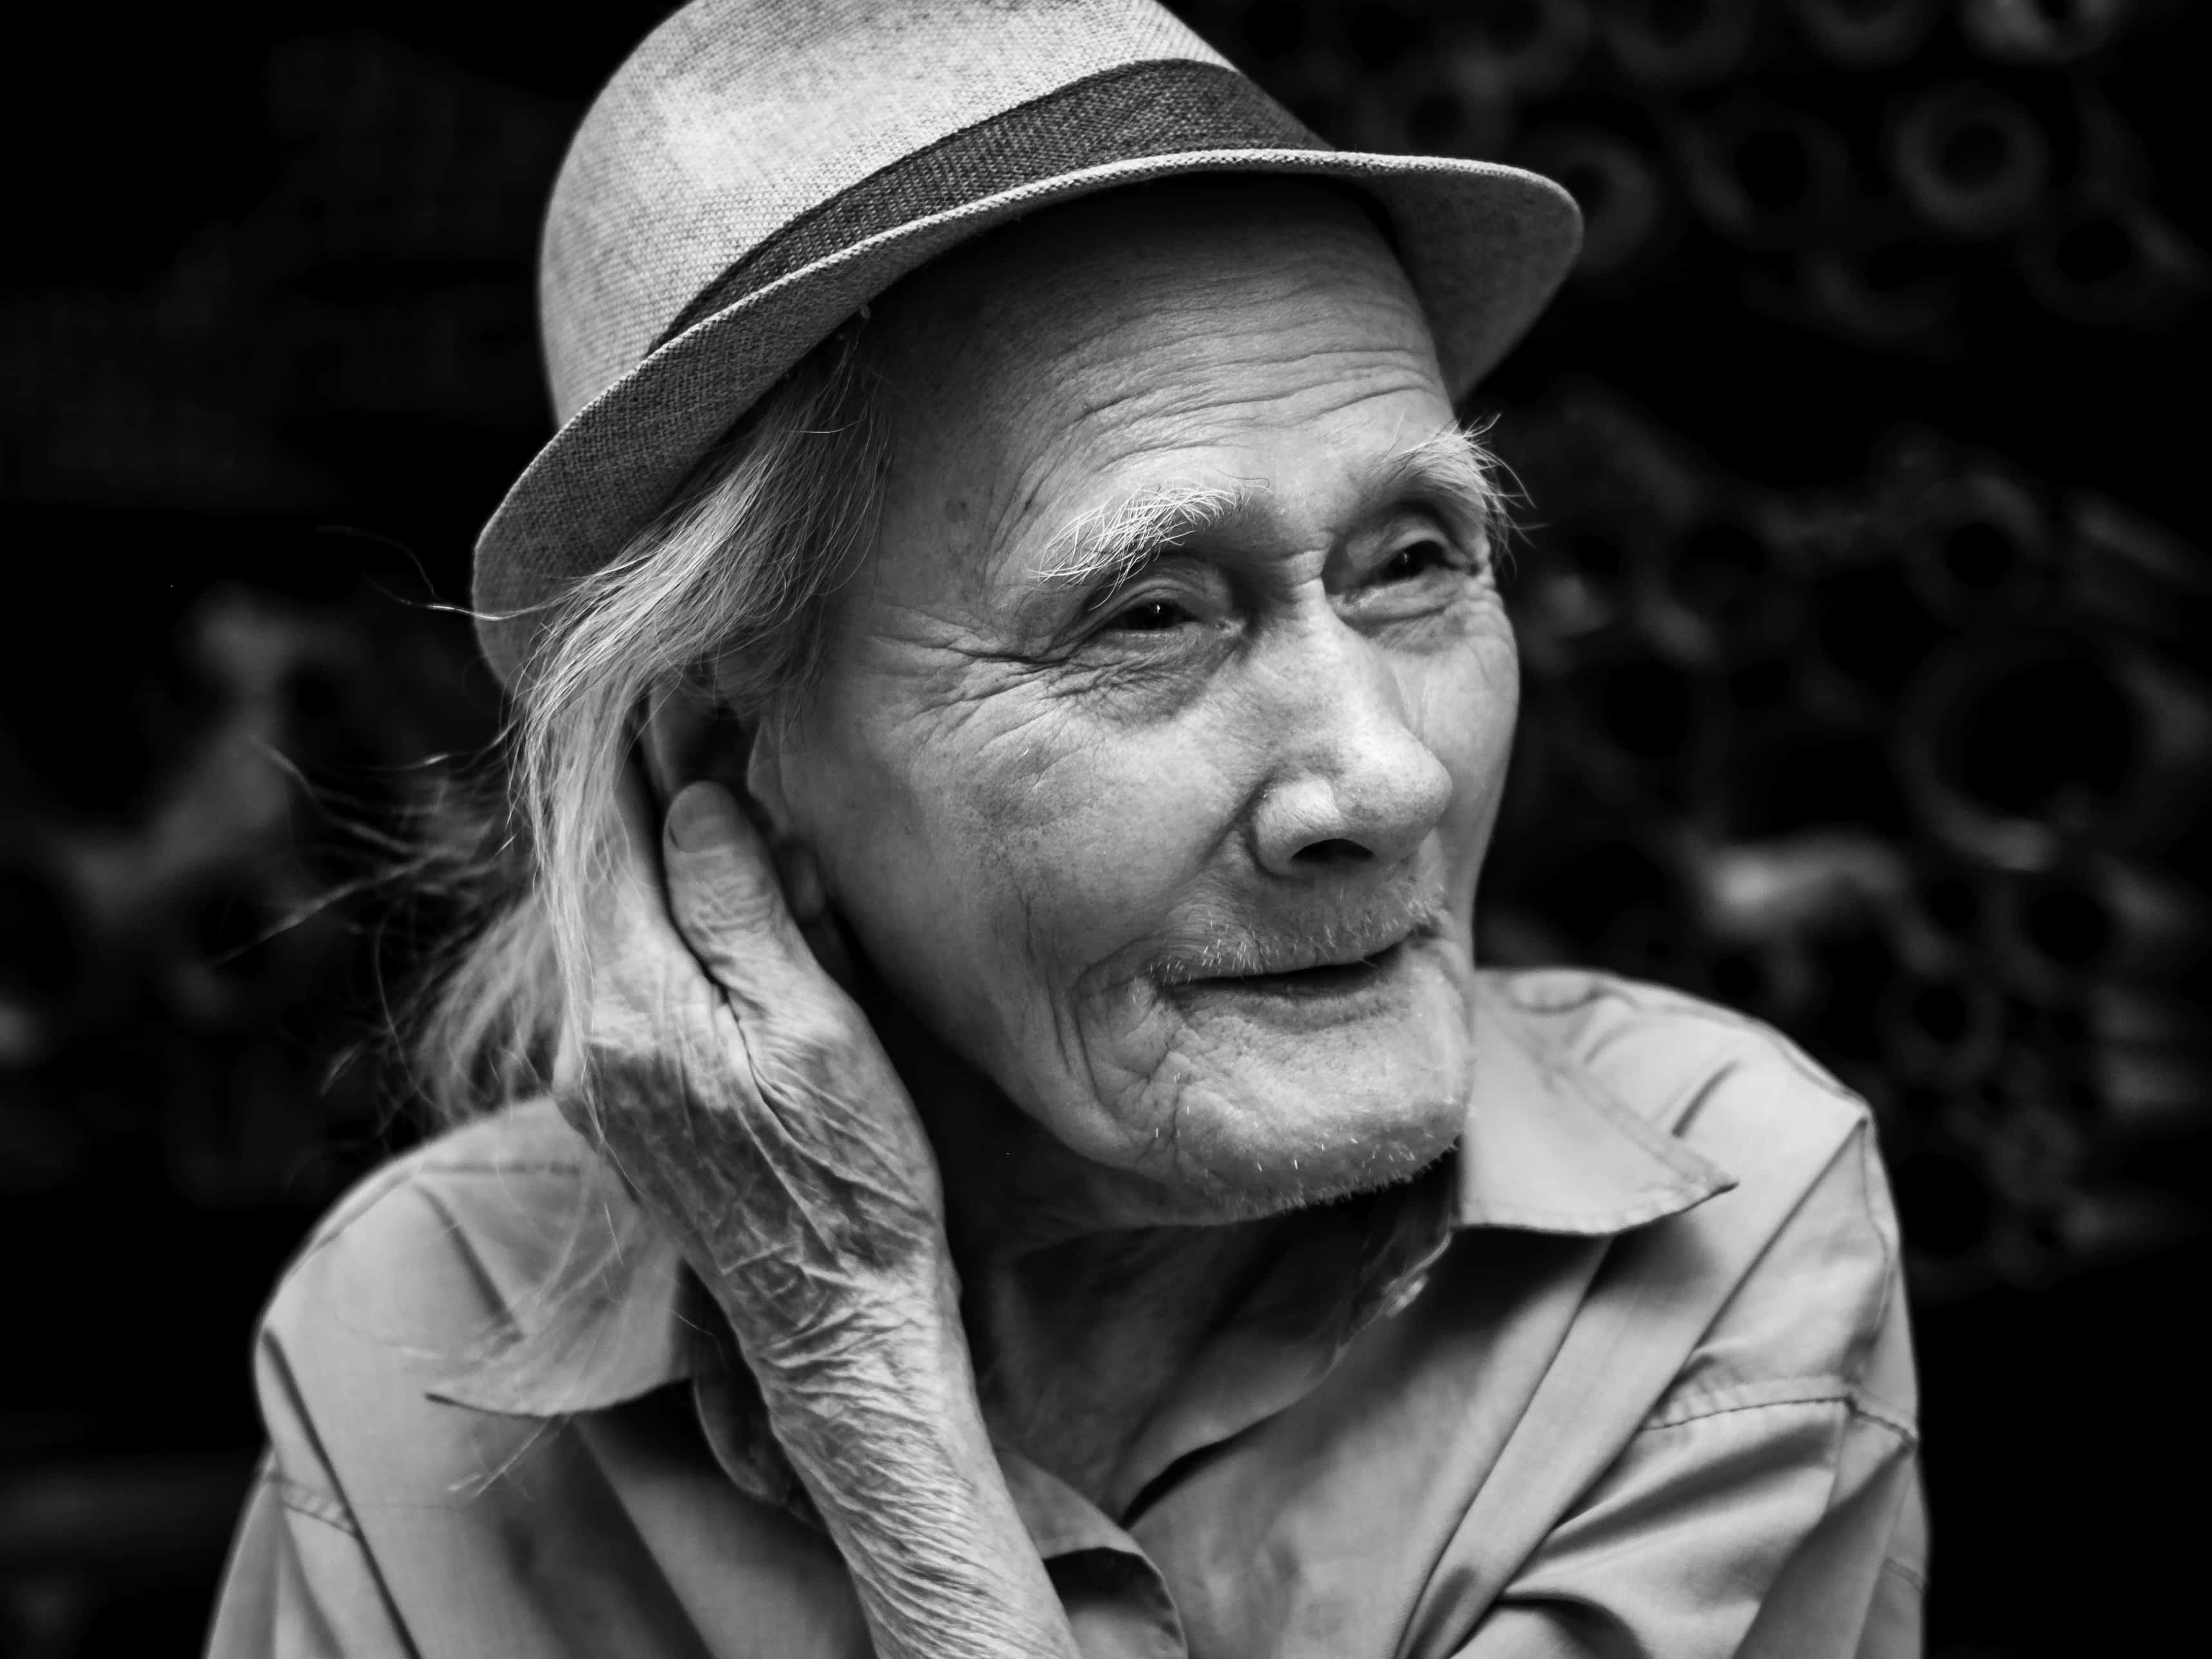 Ritratto di un anziano con               cappello. Credit: Pixinio. Licenza: CC0.